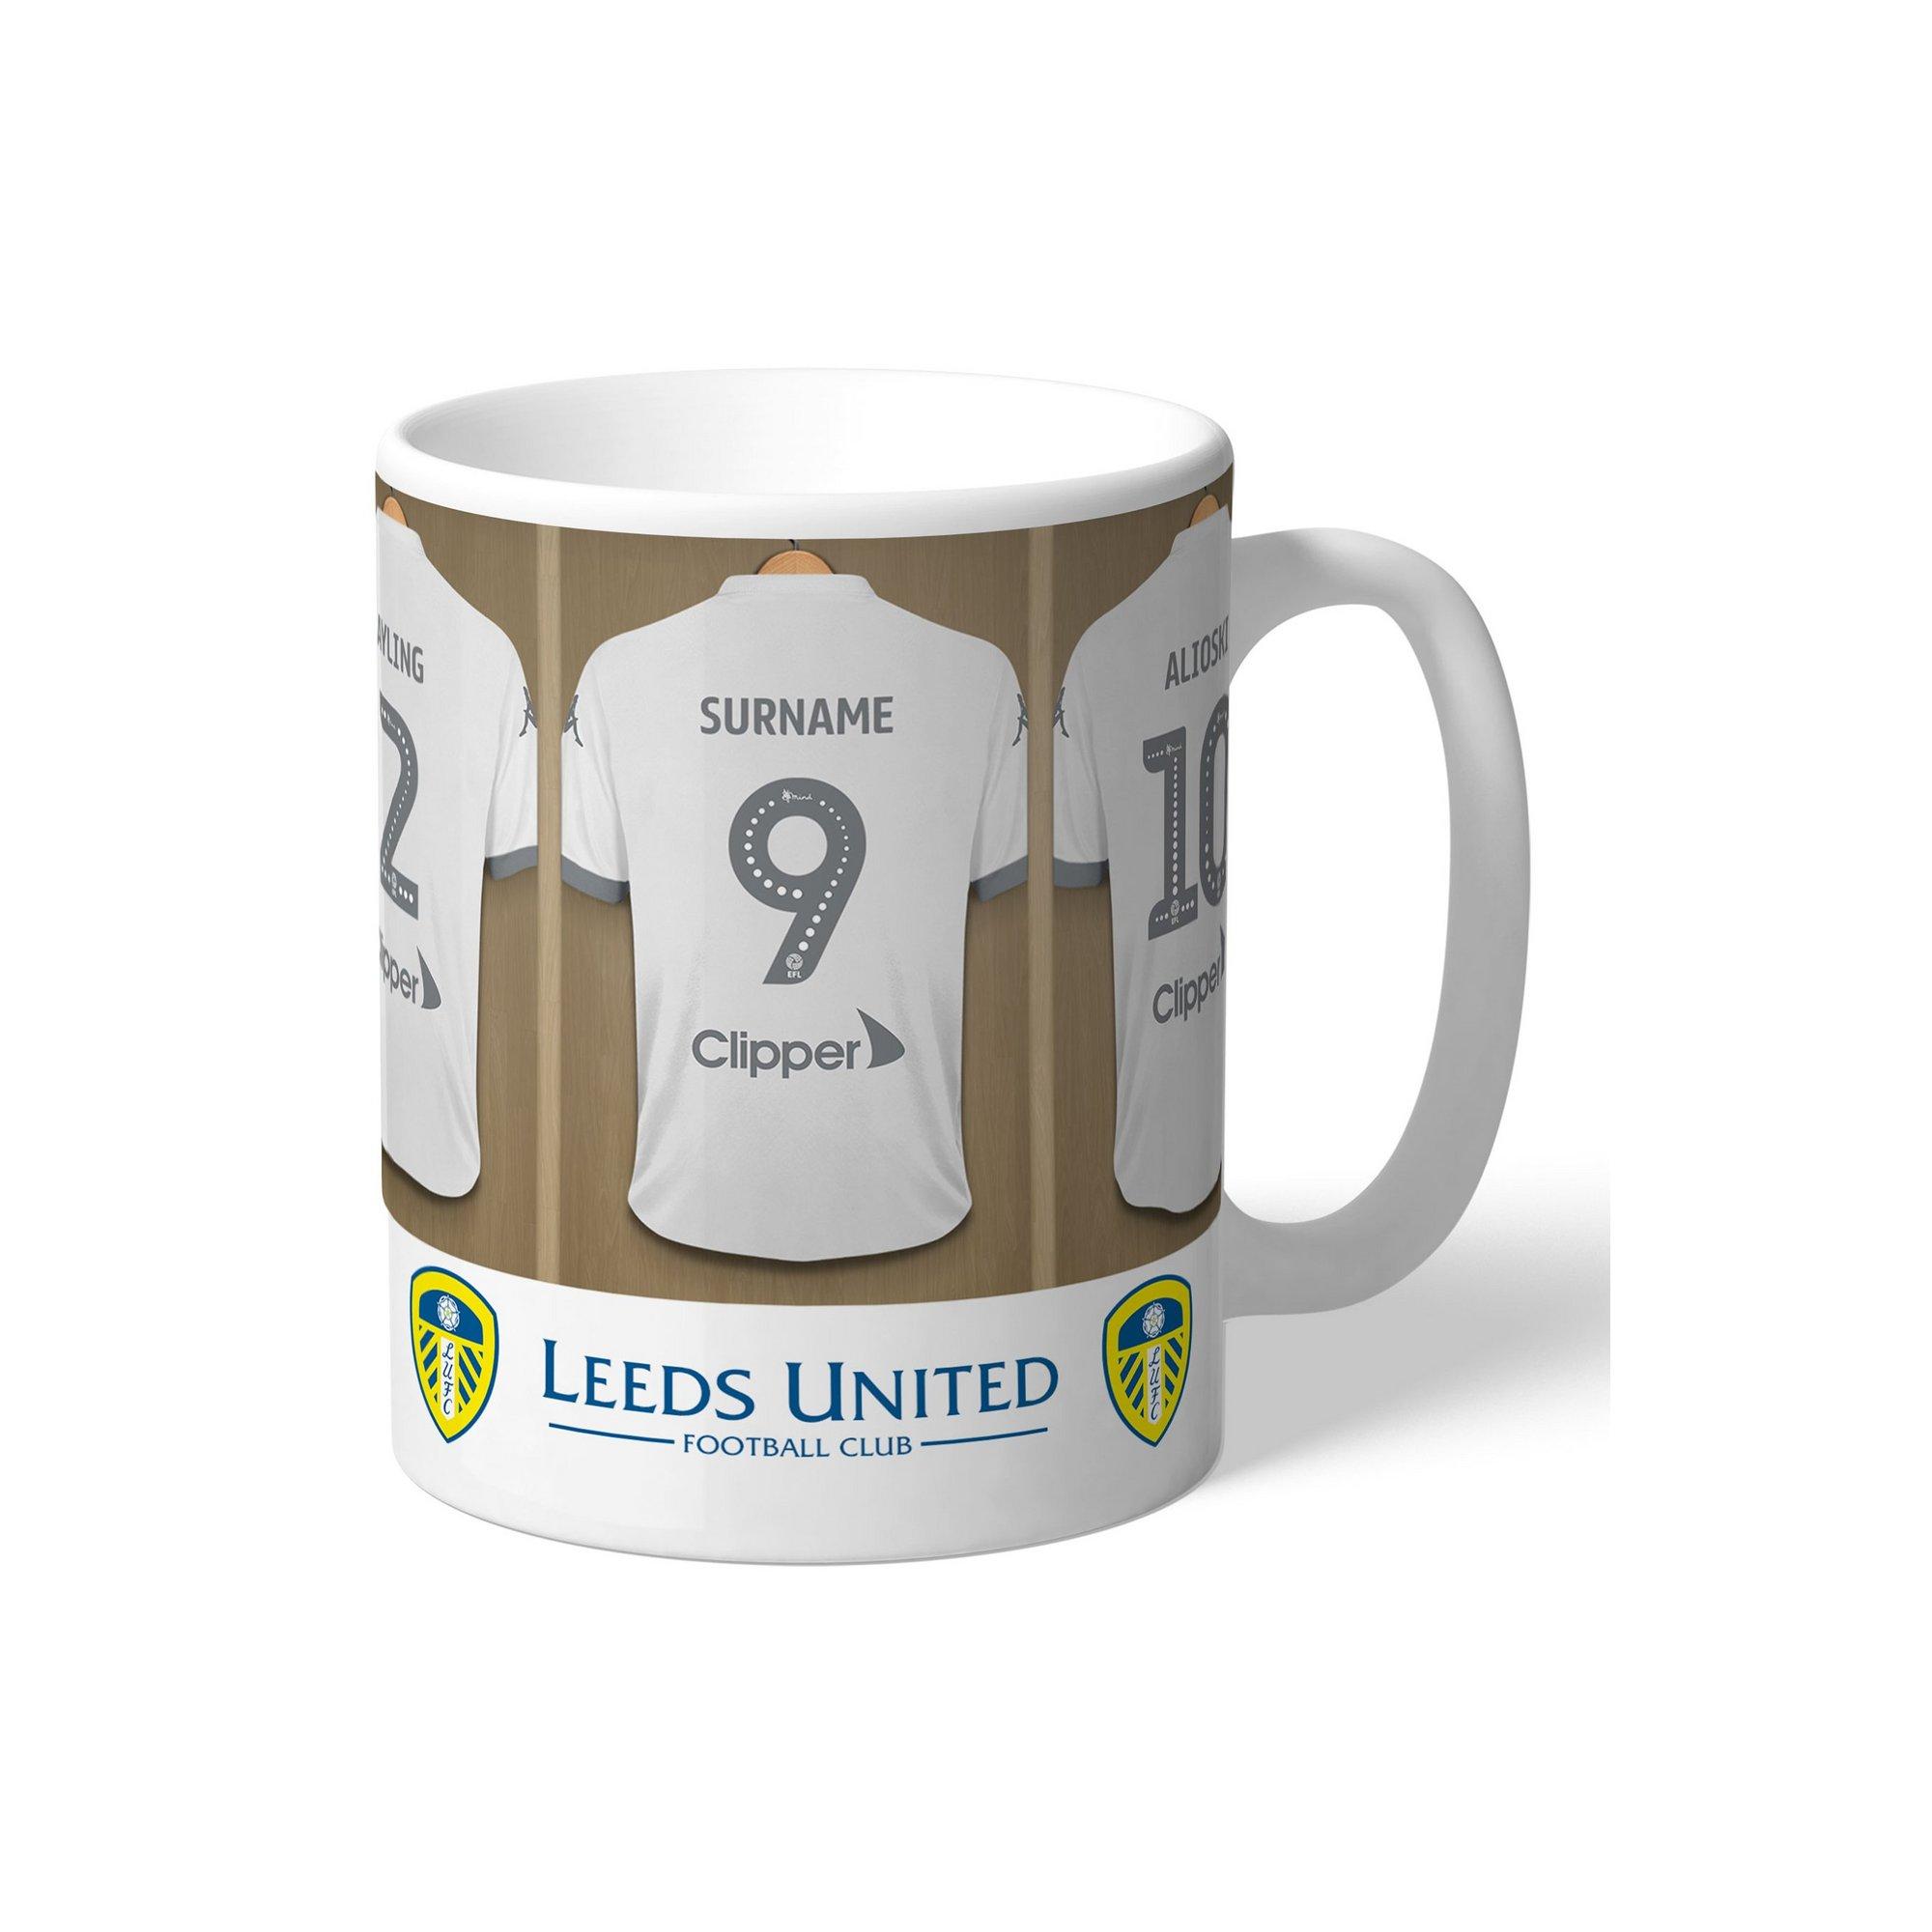 Image of Personalised Leeds United FC Dressing Room Mug